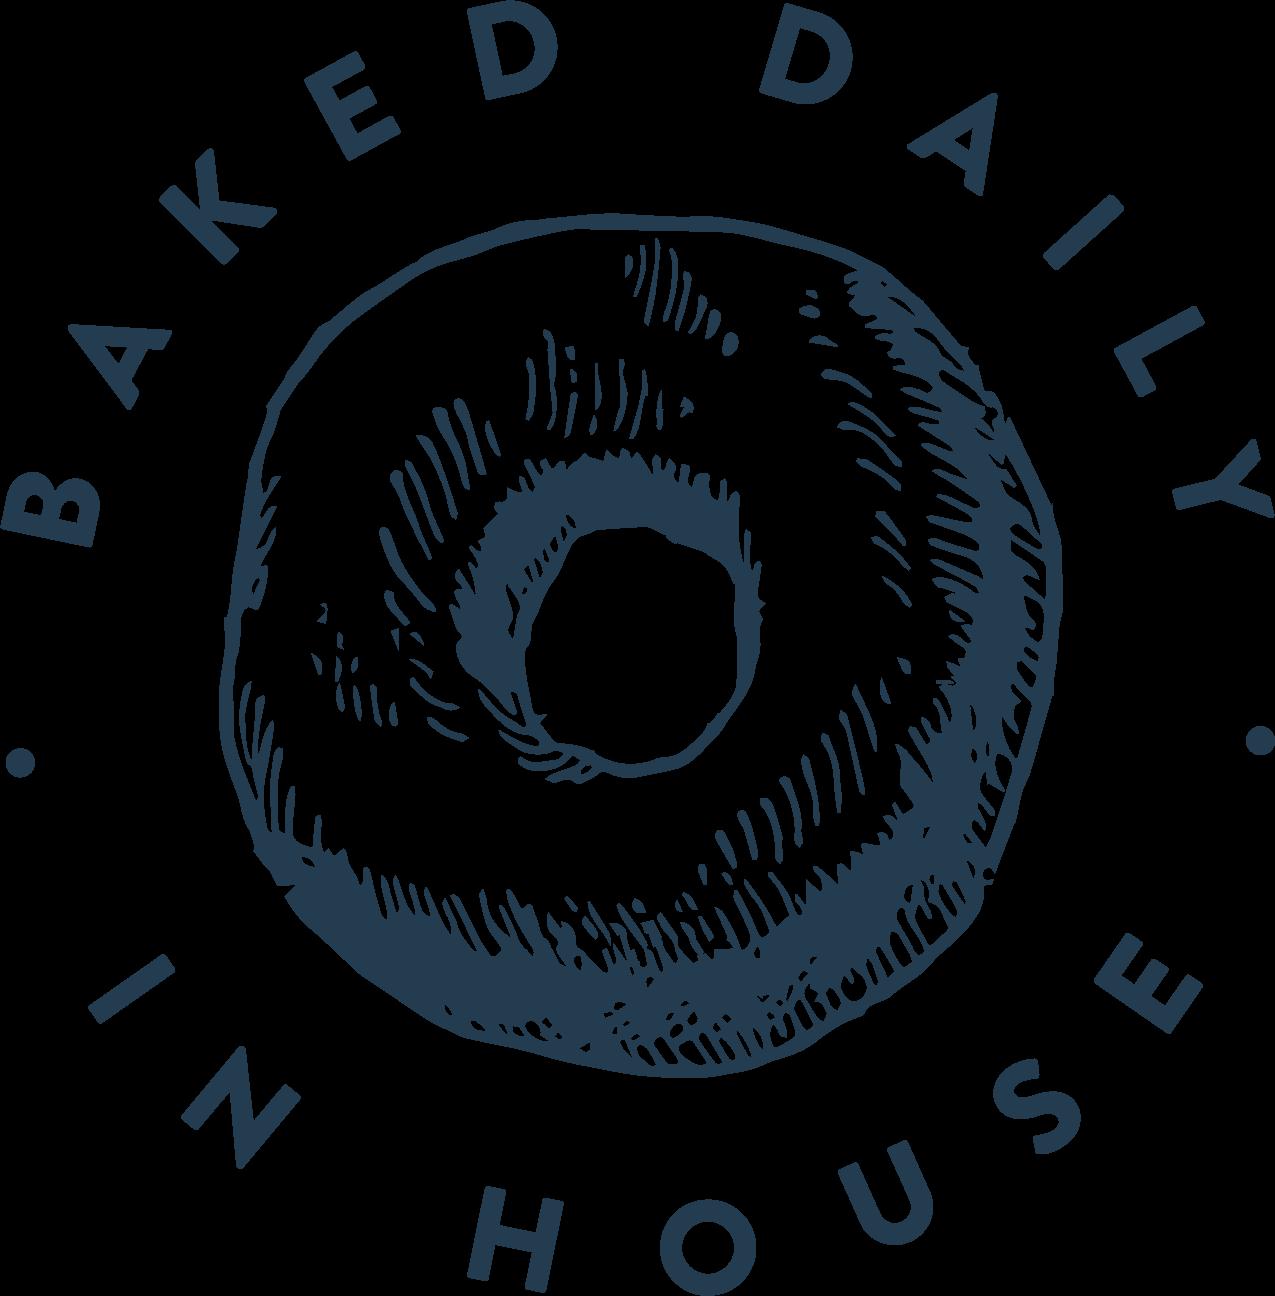 Yummies bagel logo